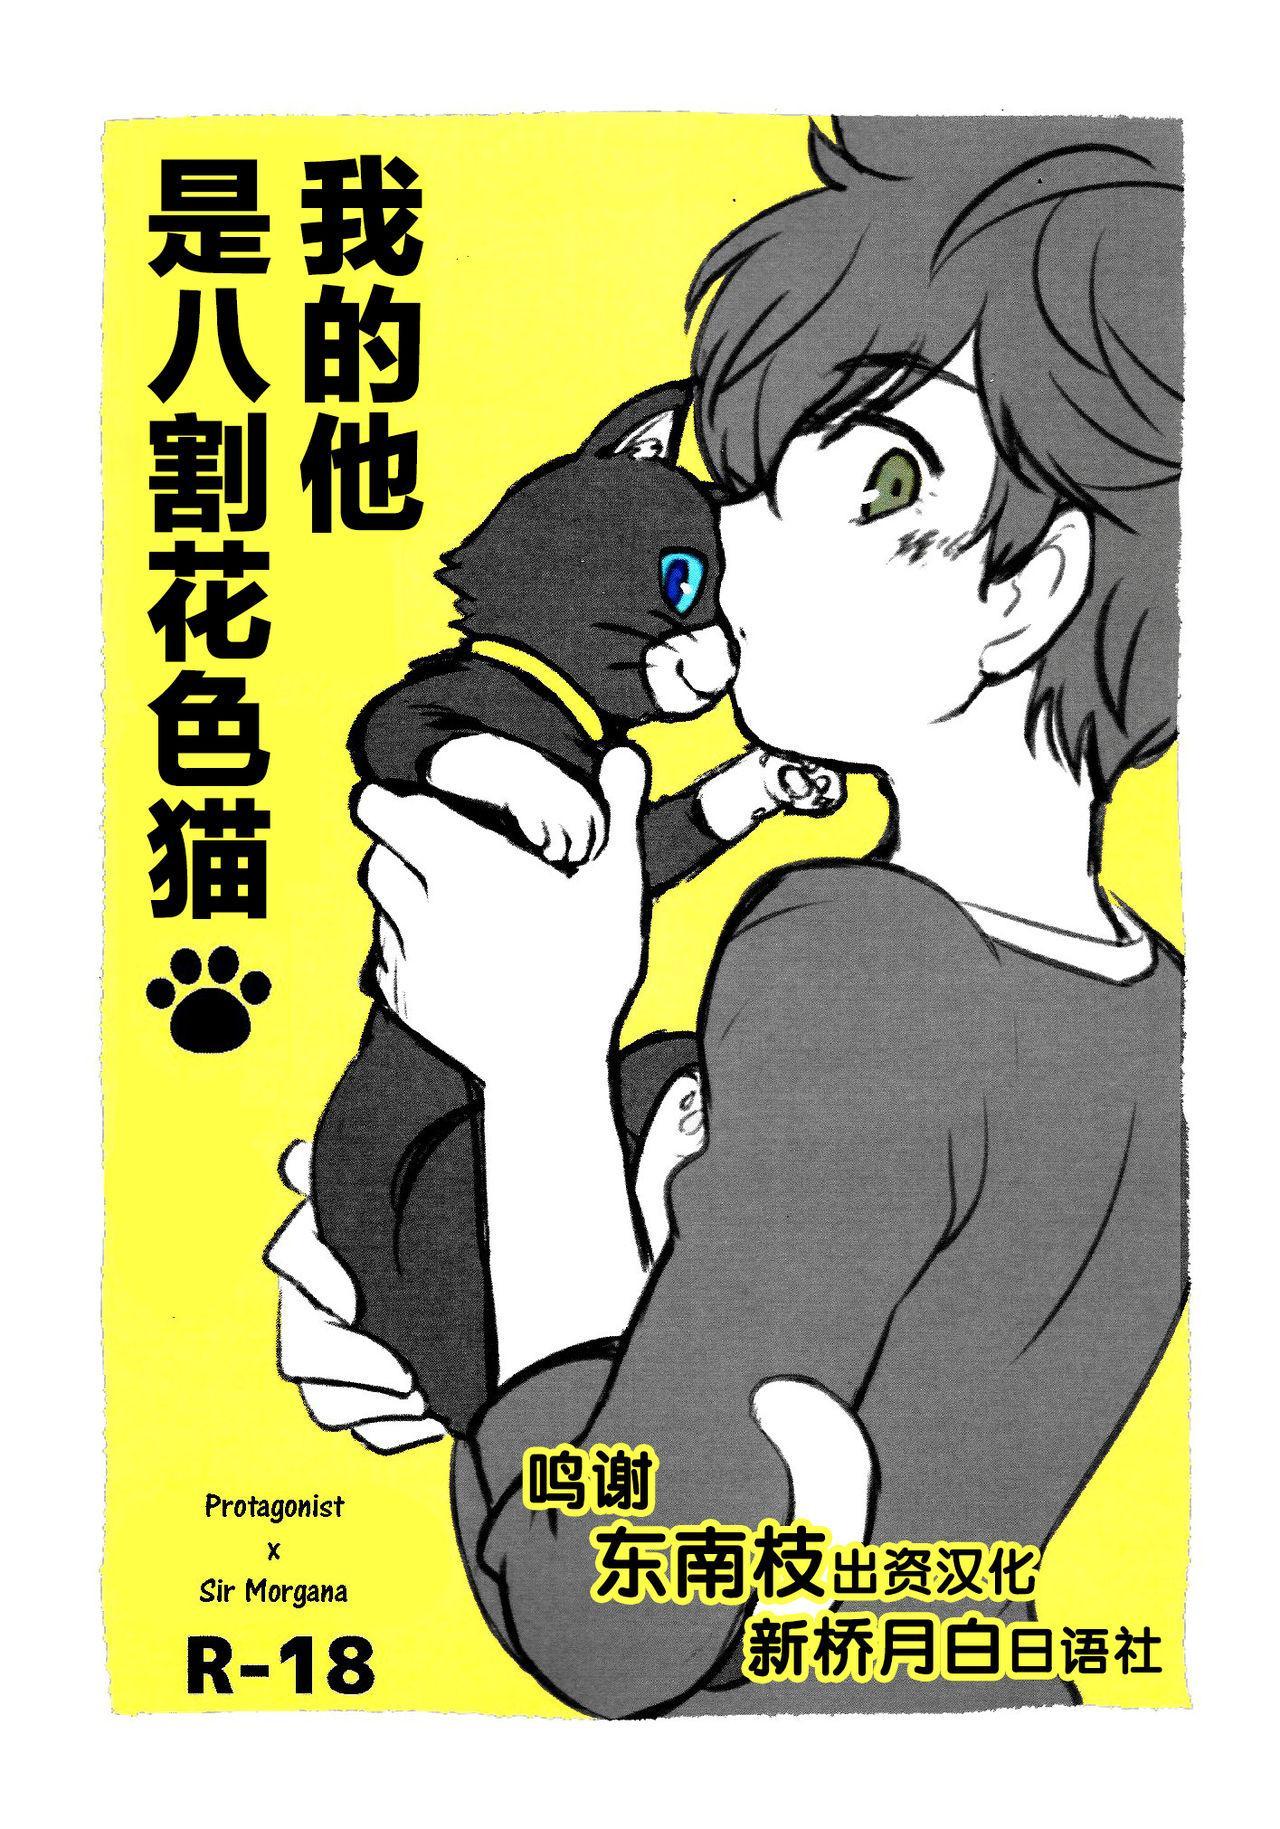 Tokubetsu Kyuukou Mementos 0